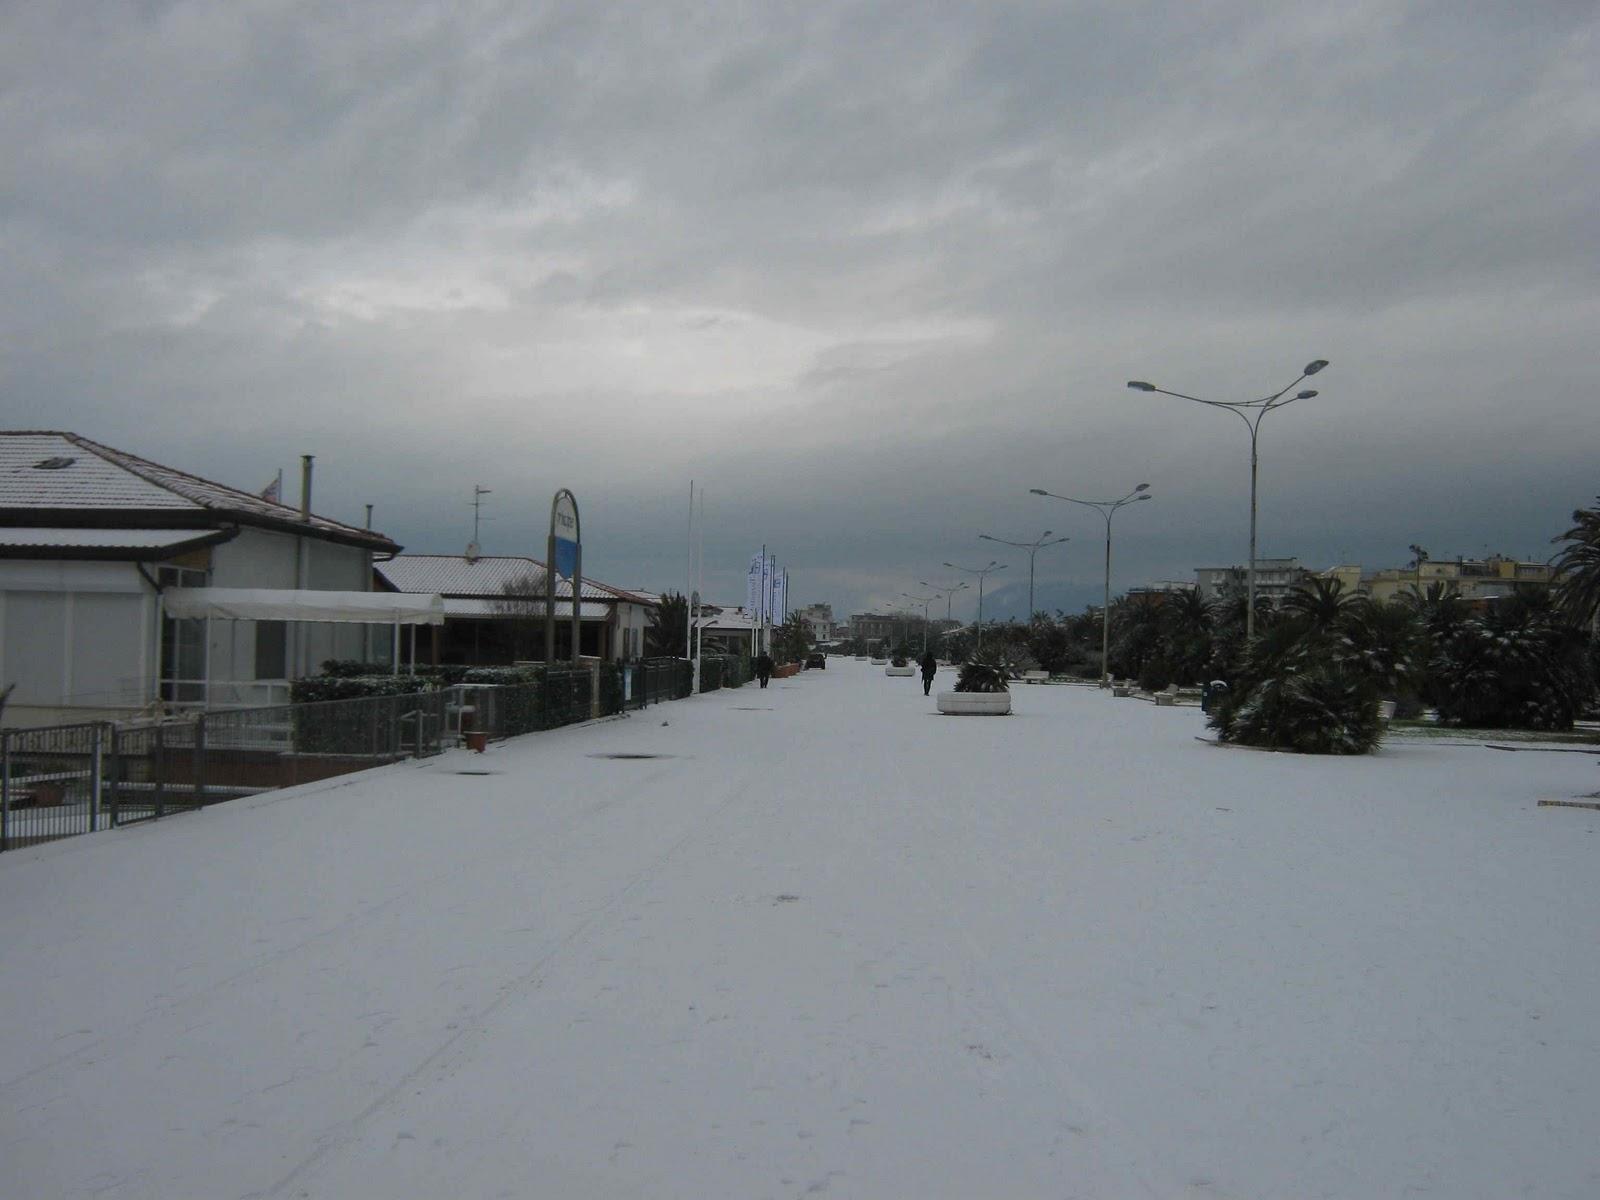 Bagno Roberto, Lido di Camaiore: Neve a Viareggio, Lido di ...